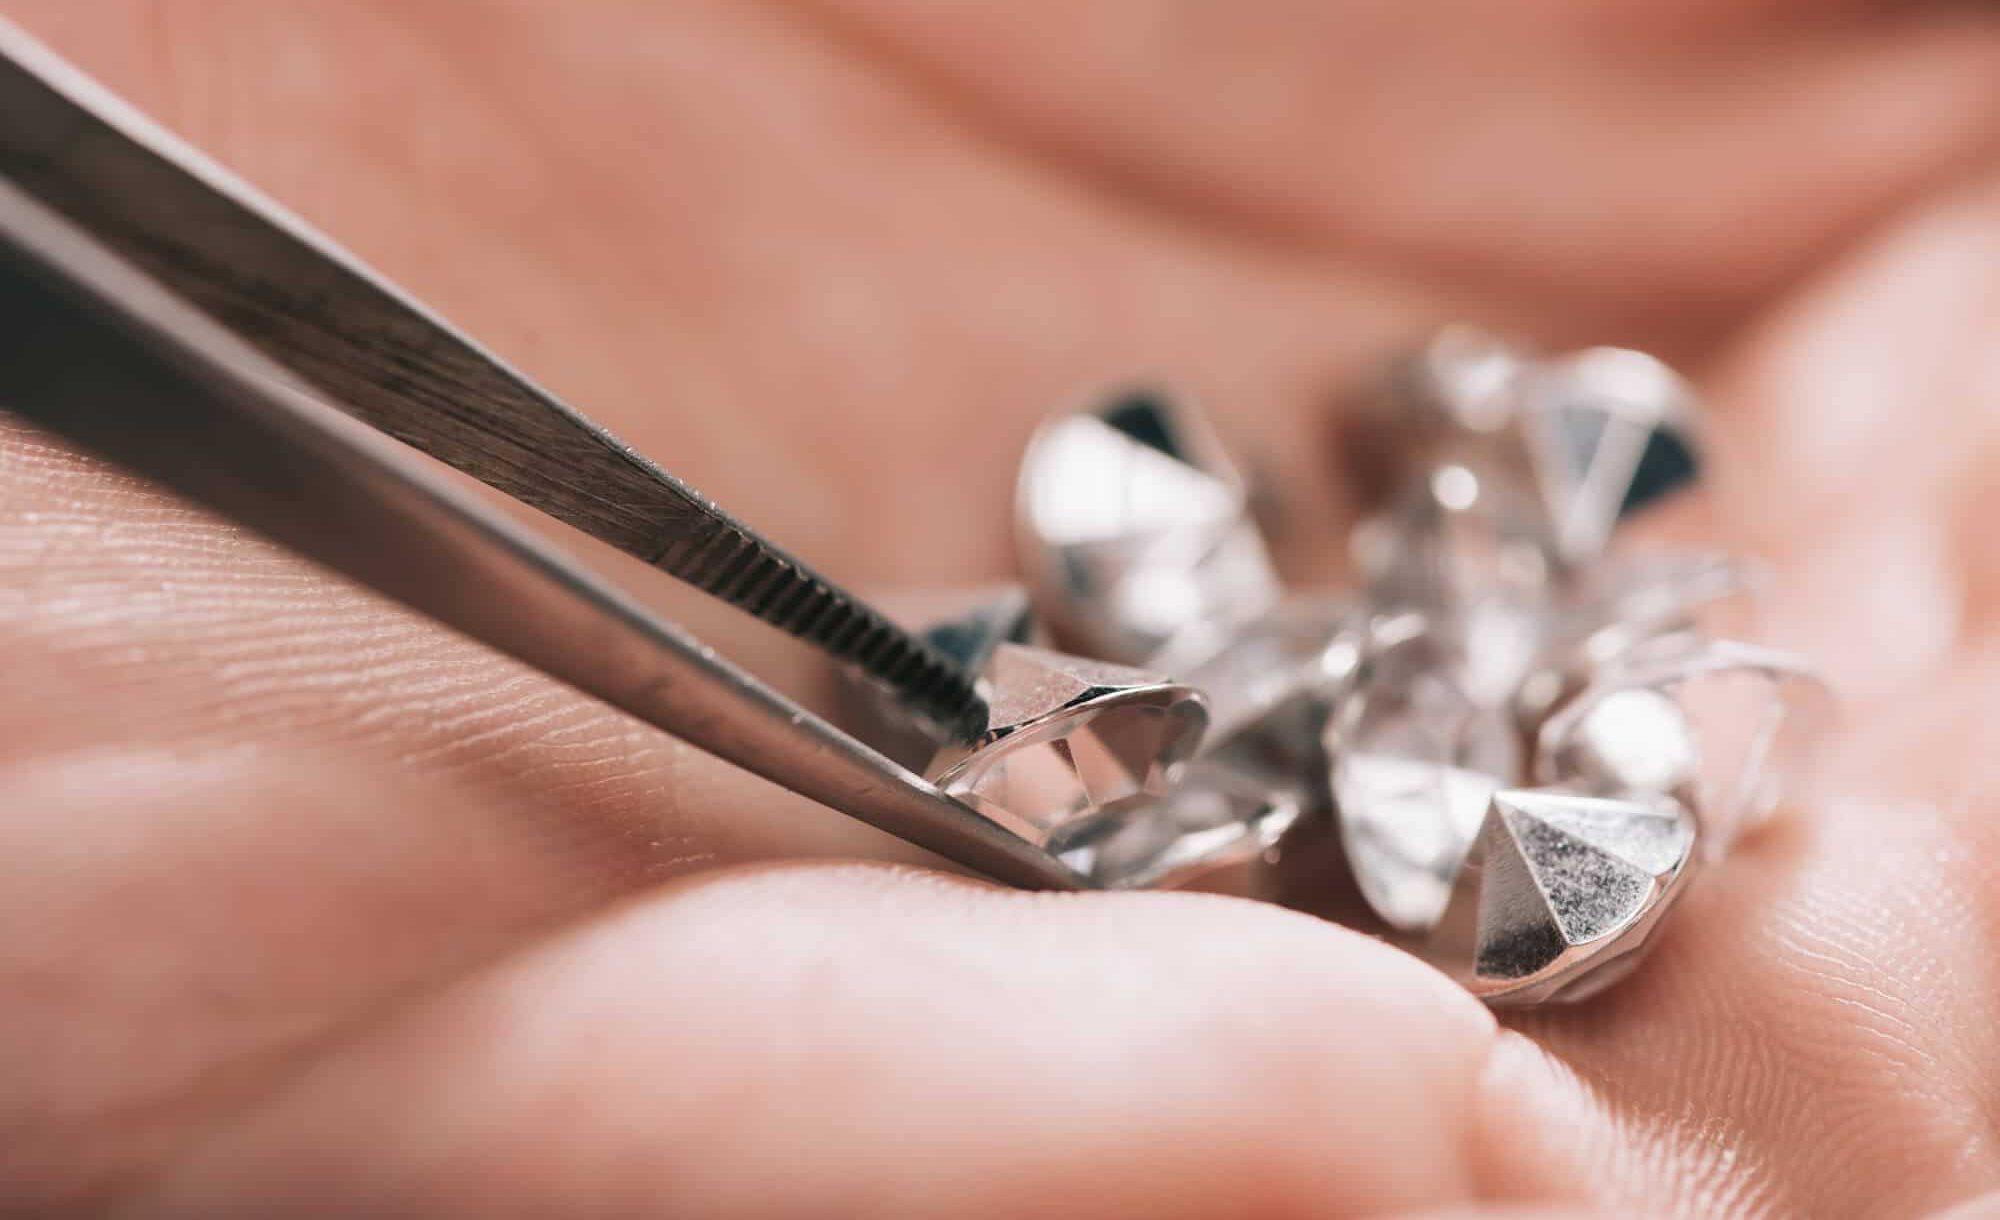 Real Diamond Tester Shira Diamonds E1614941532637, Shira Diamonds